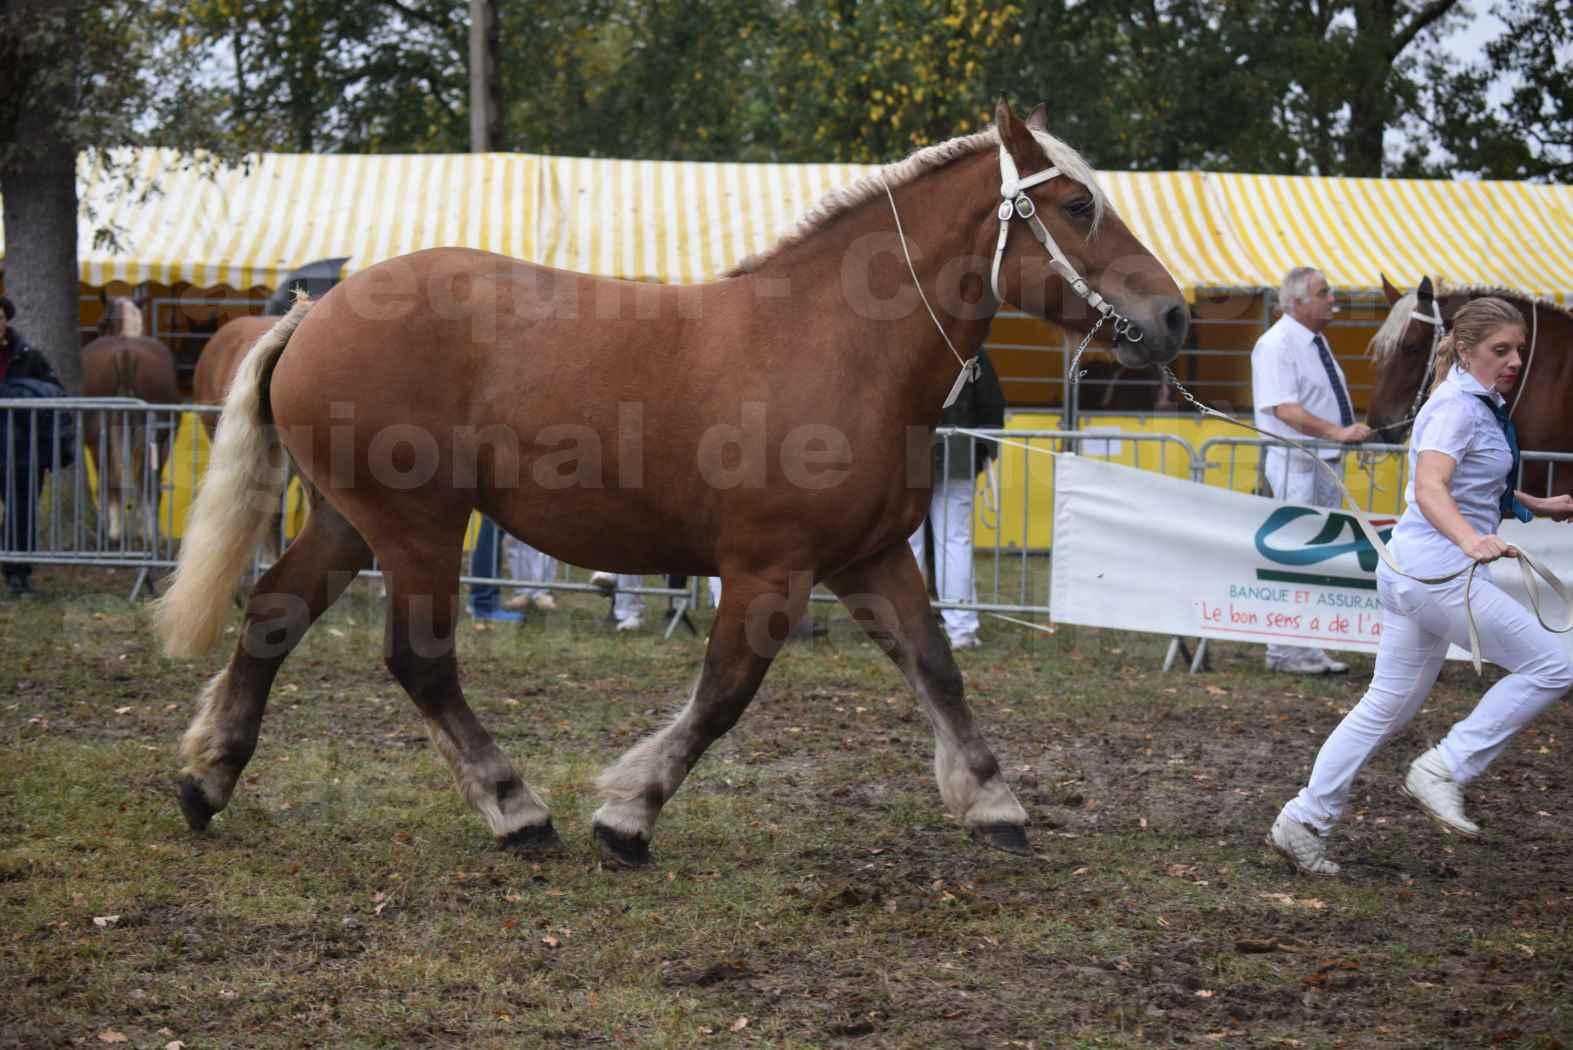 Concours Régional de chevaux de traits en 2017 - Trait COMTOIS - ELITE 14 - 15